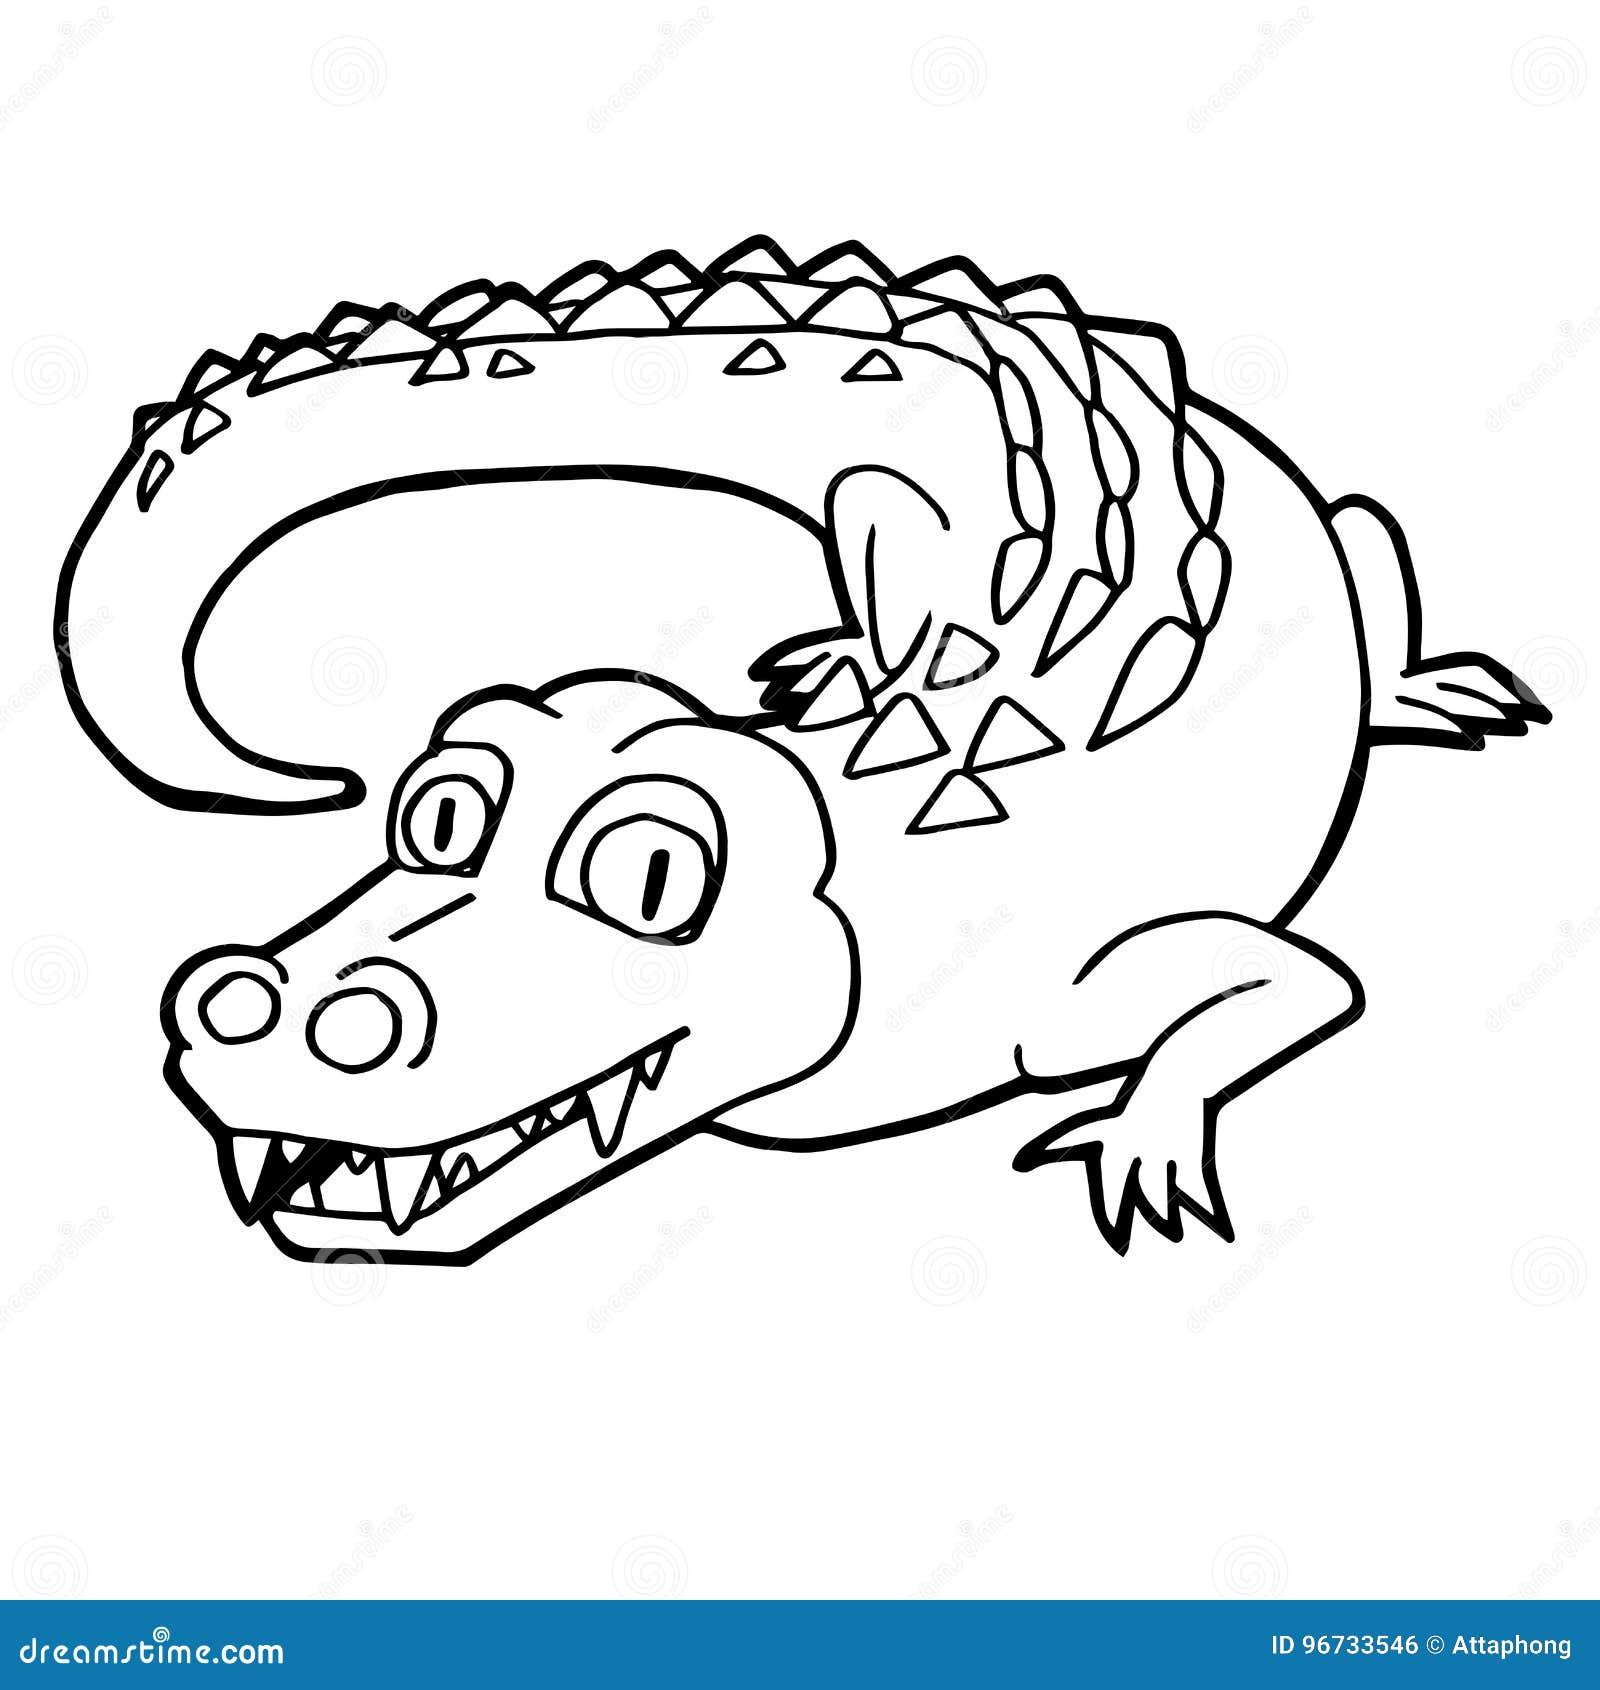 cartoon cute crocodile coloring page vector stock vector - illustration of  animal, happy: 96733546  dreamstime.com